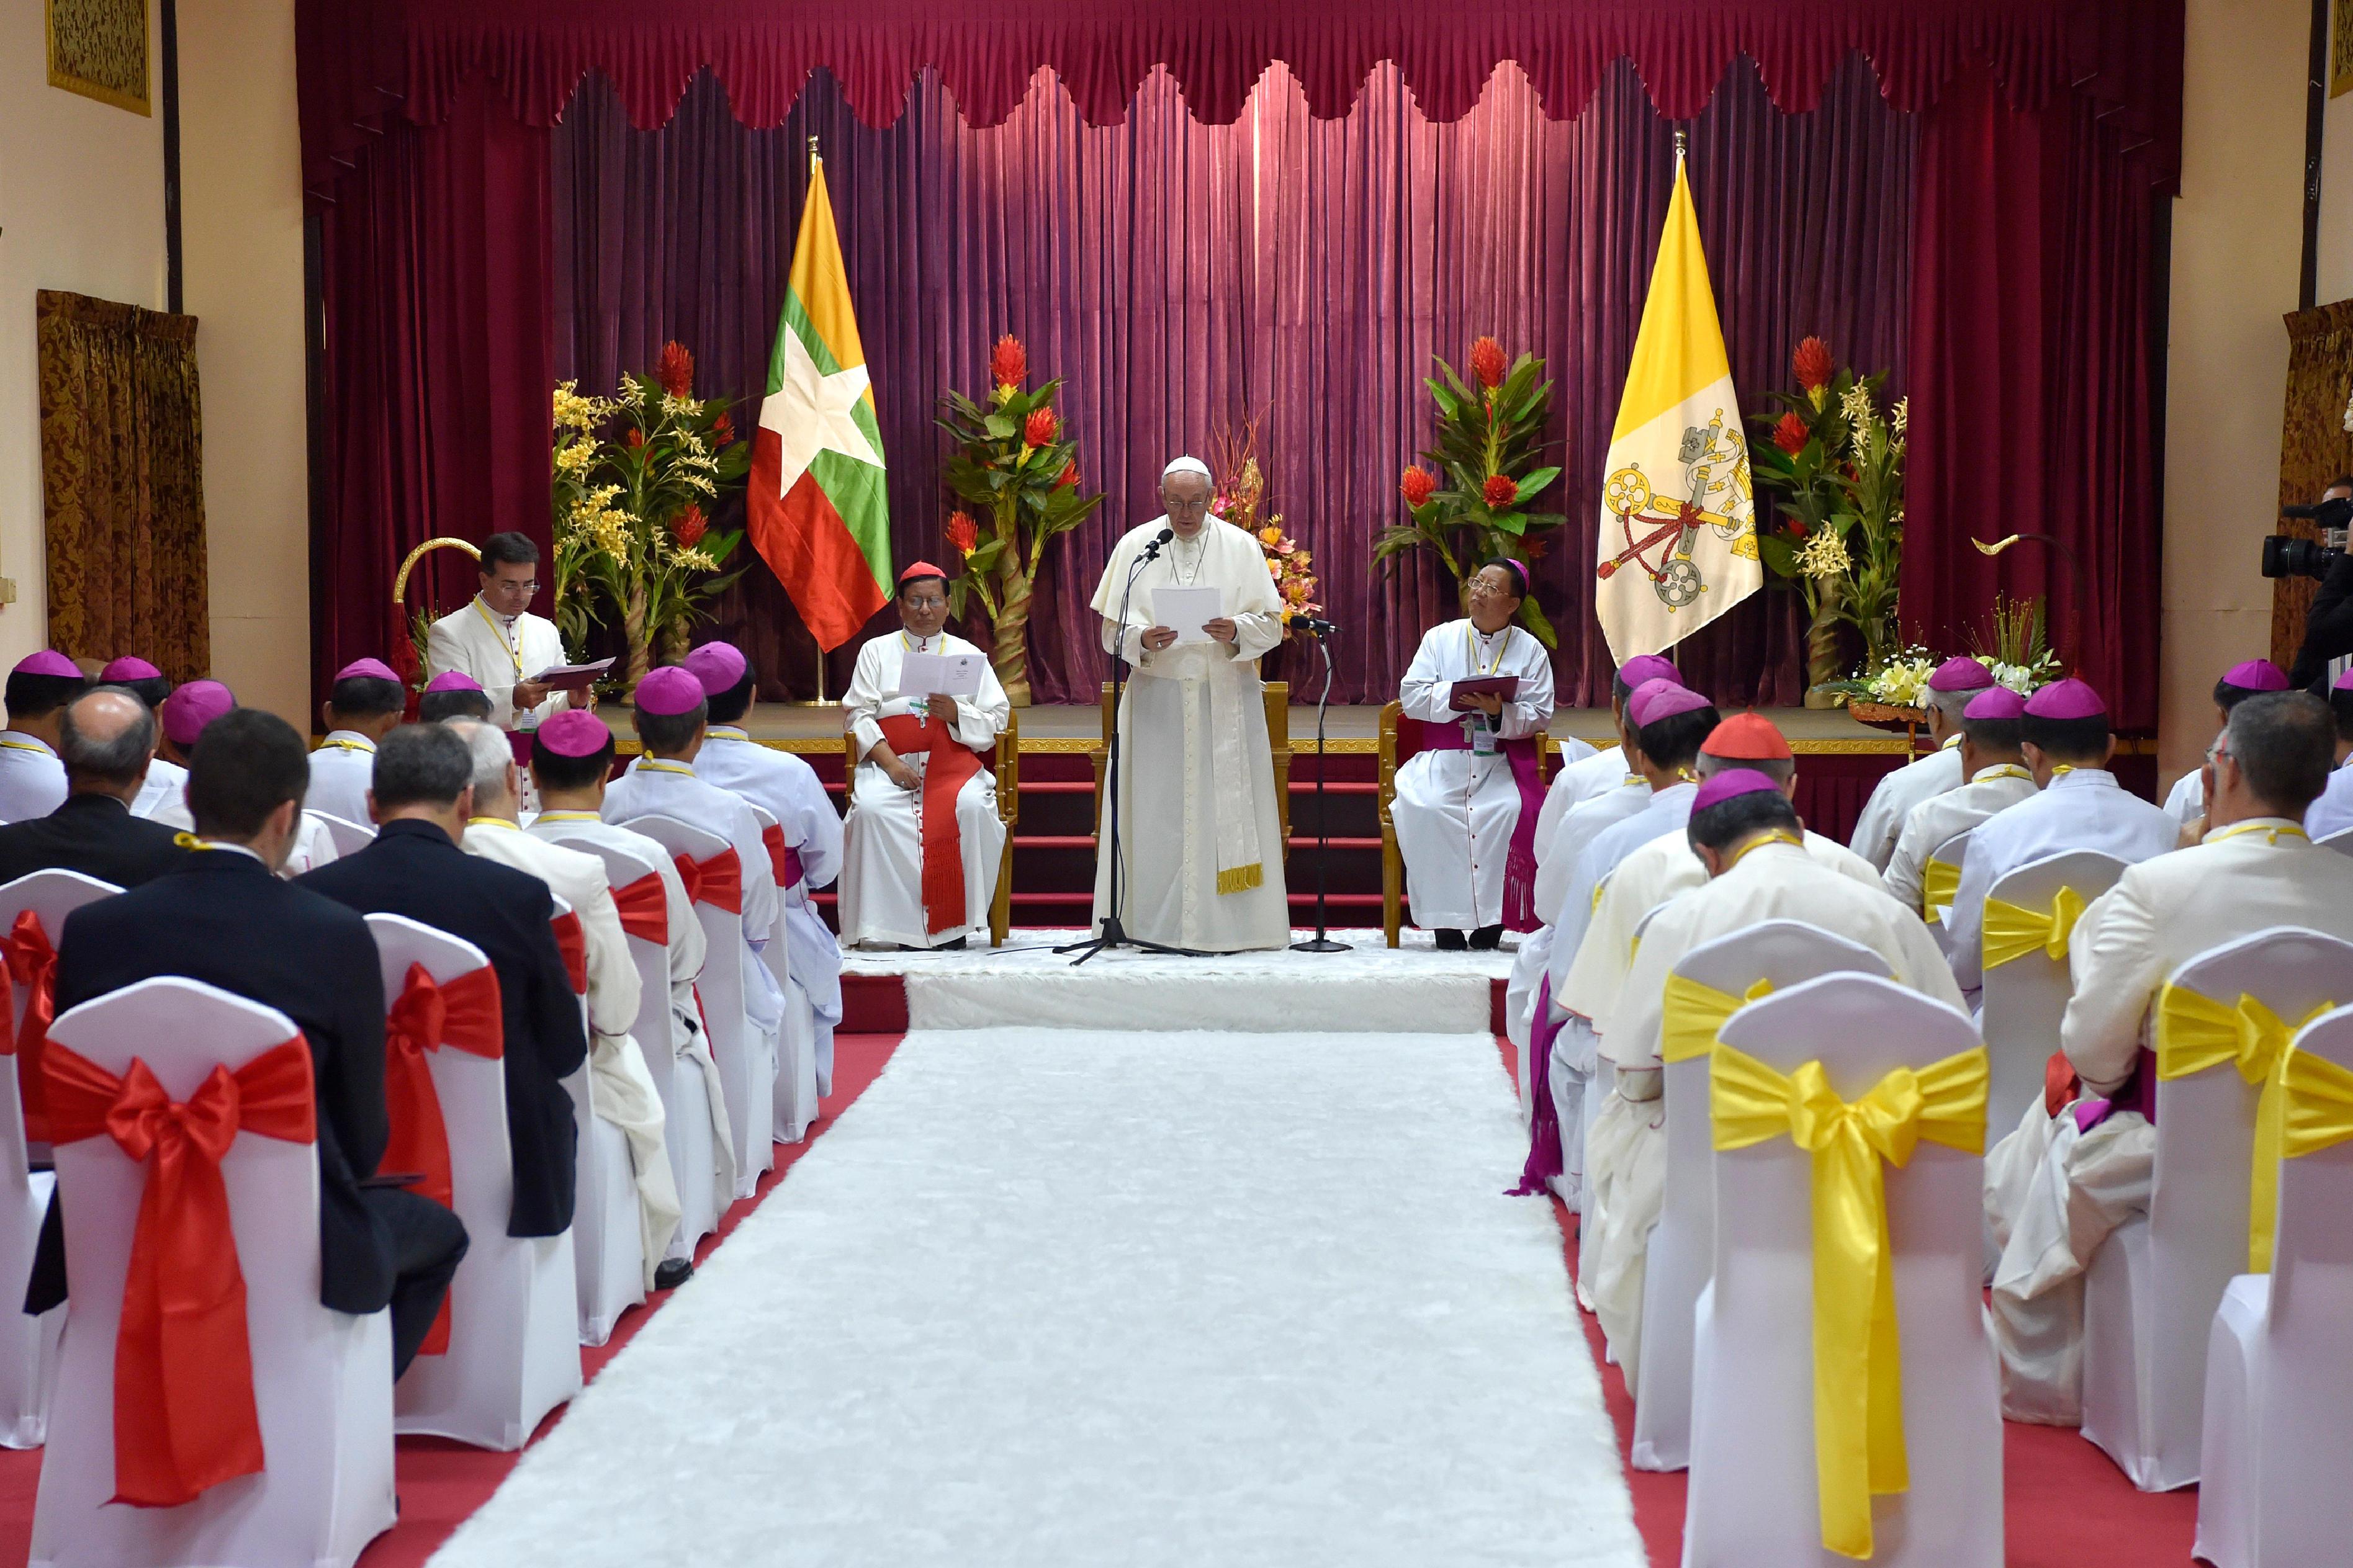 El Papa habla a los obispos de Myanmar © L'Osservatore Romano